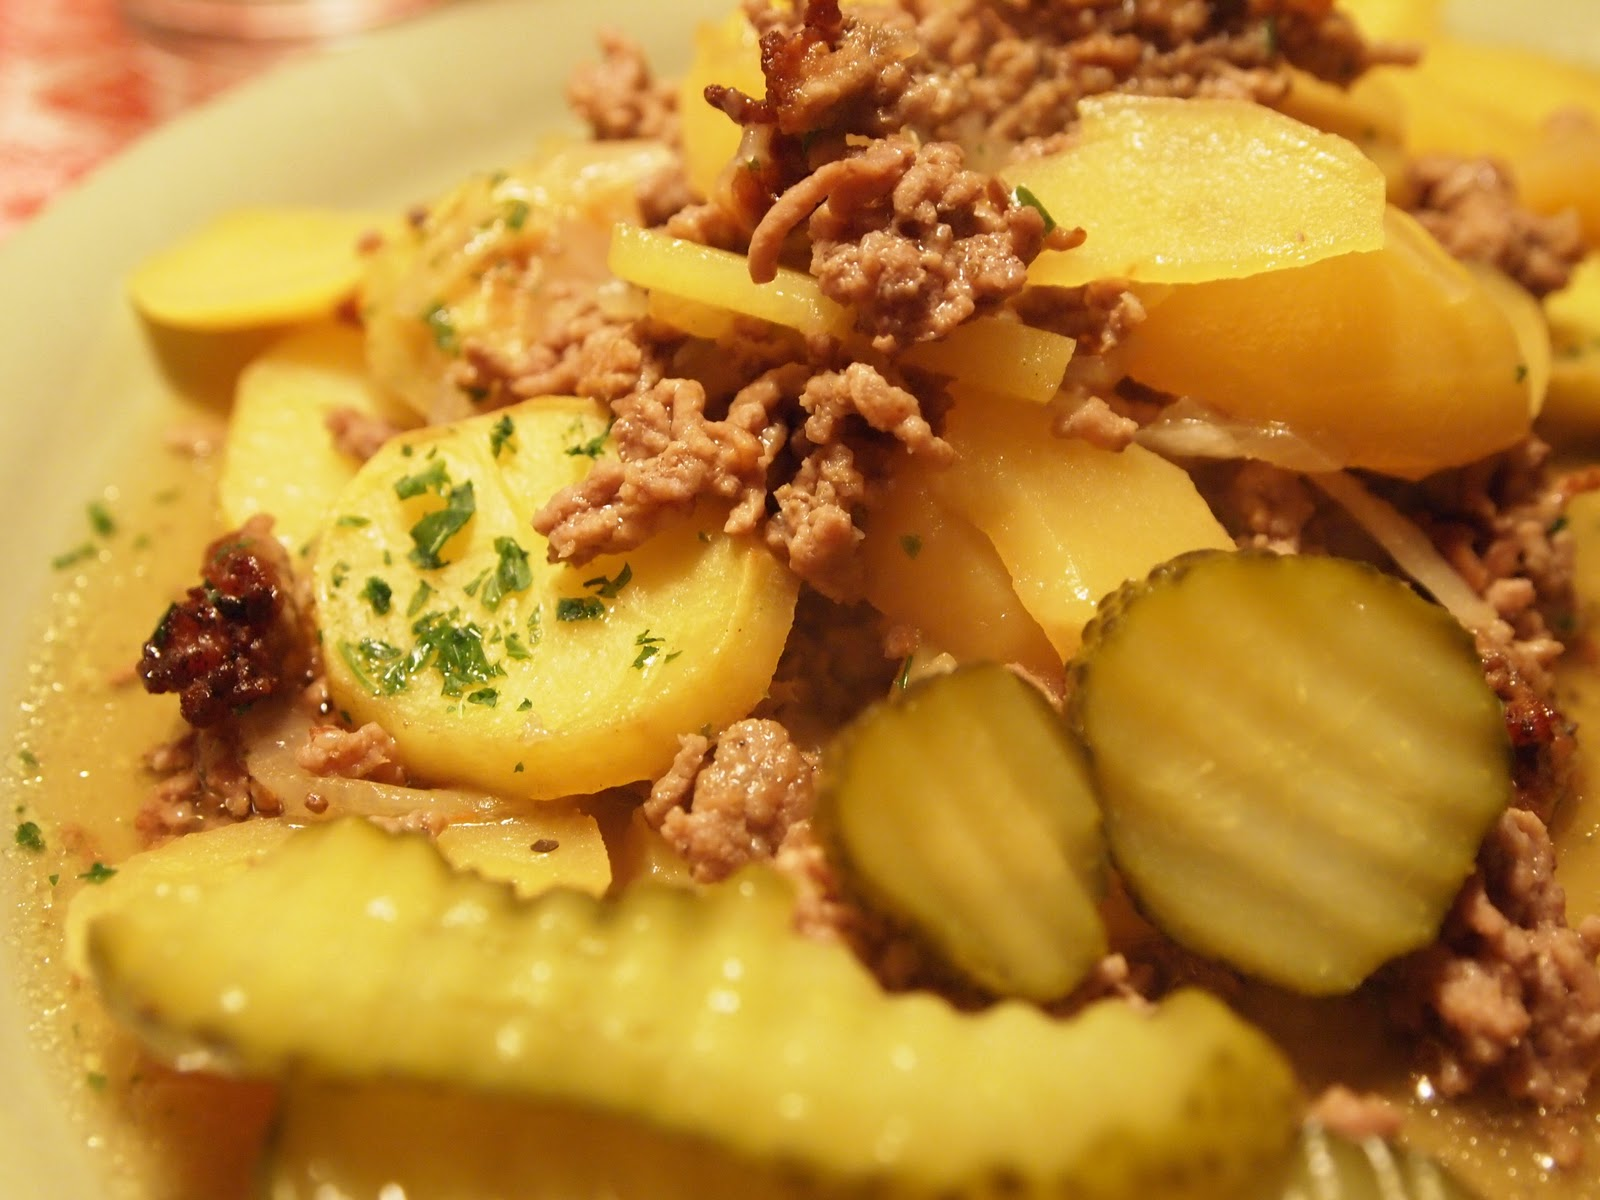 Enkel mat med köttfärs